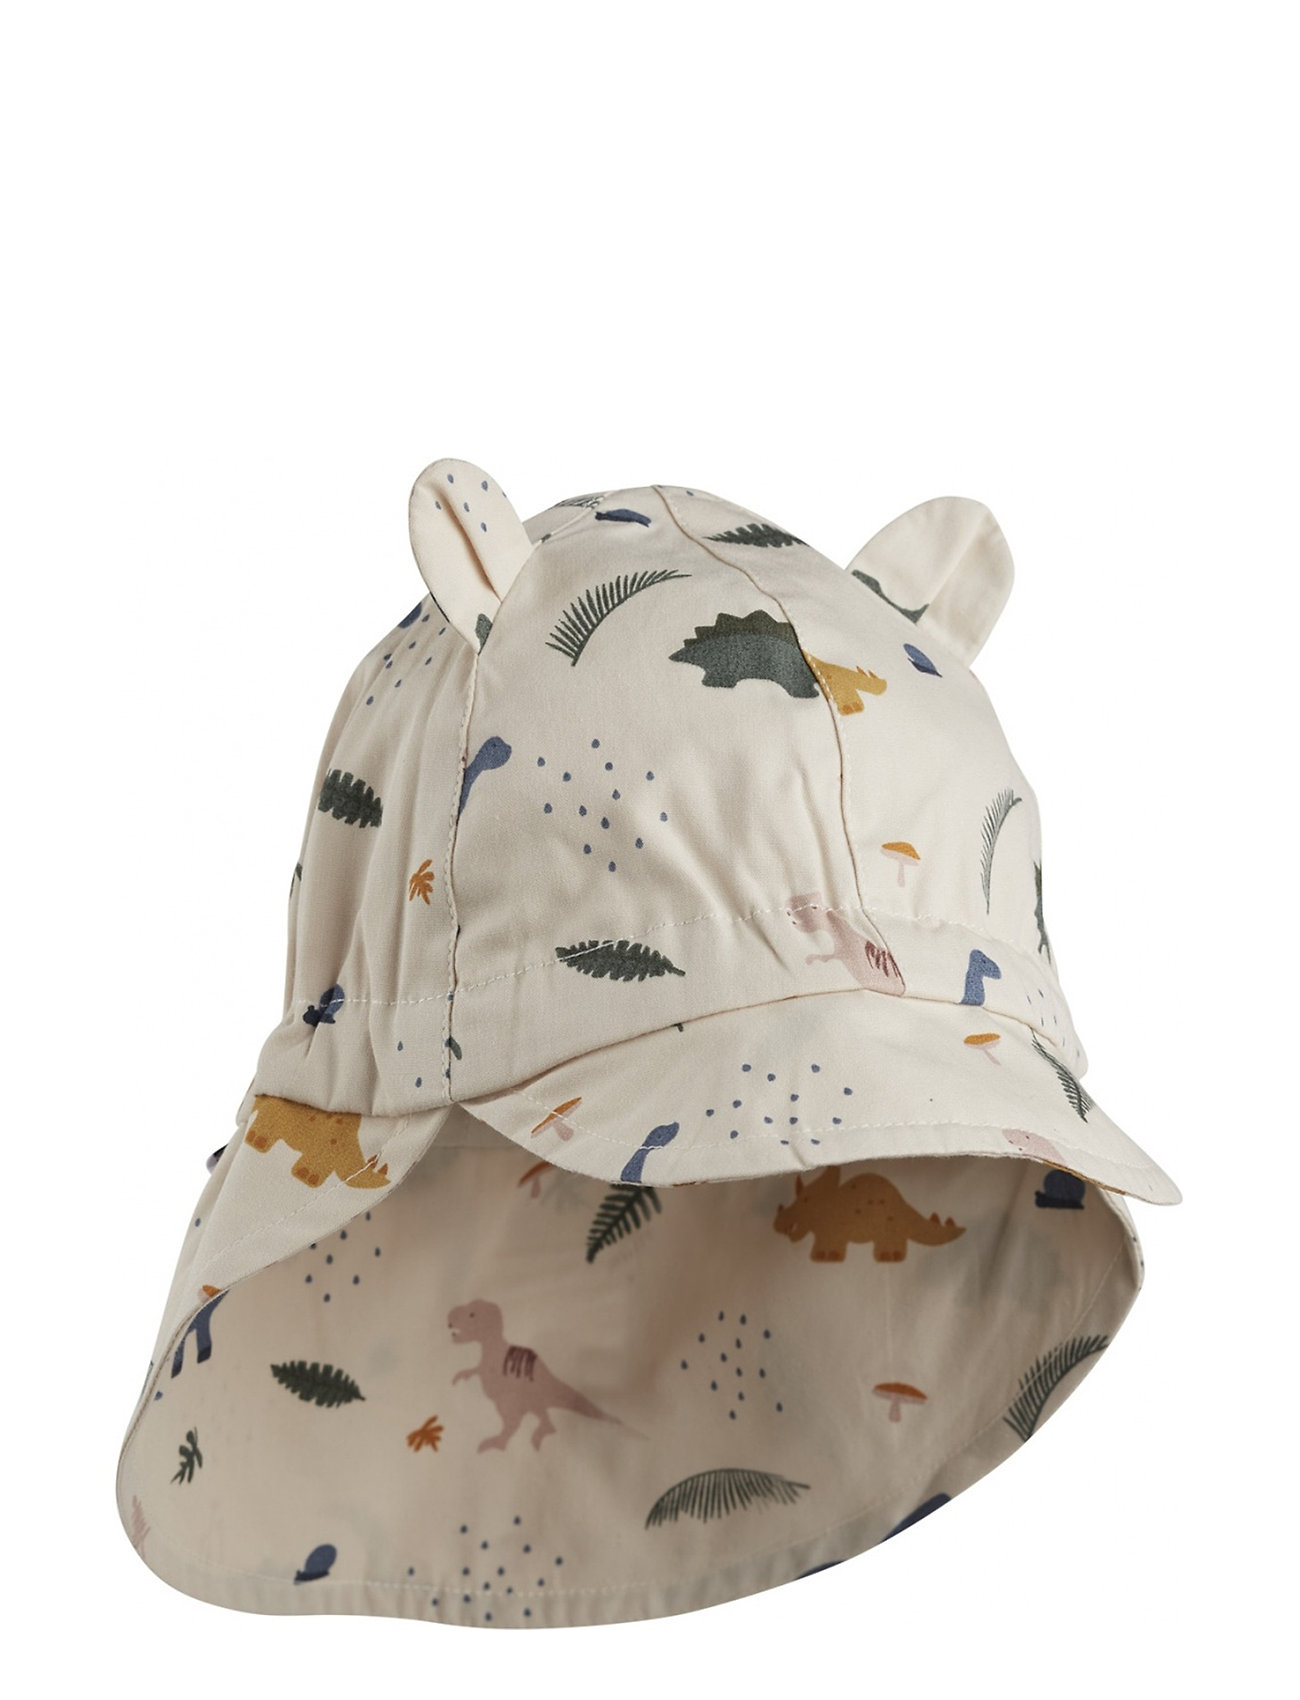 Liewood Gorm sun hat - DINO MIX